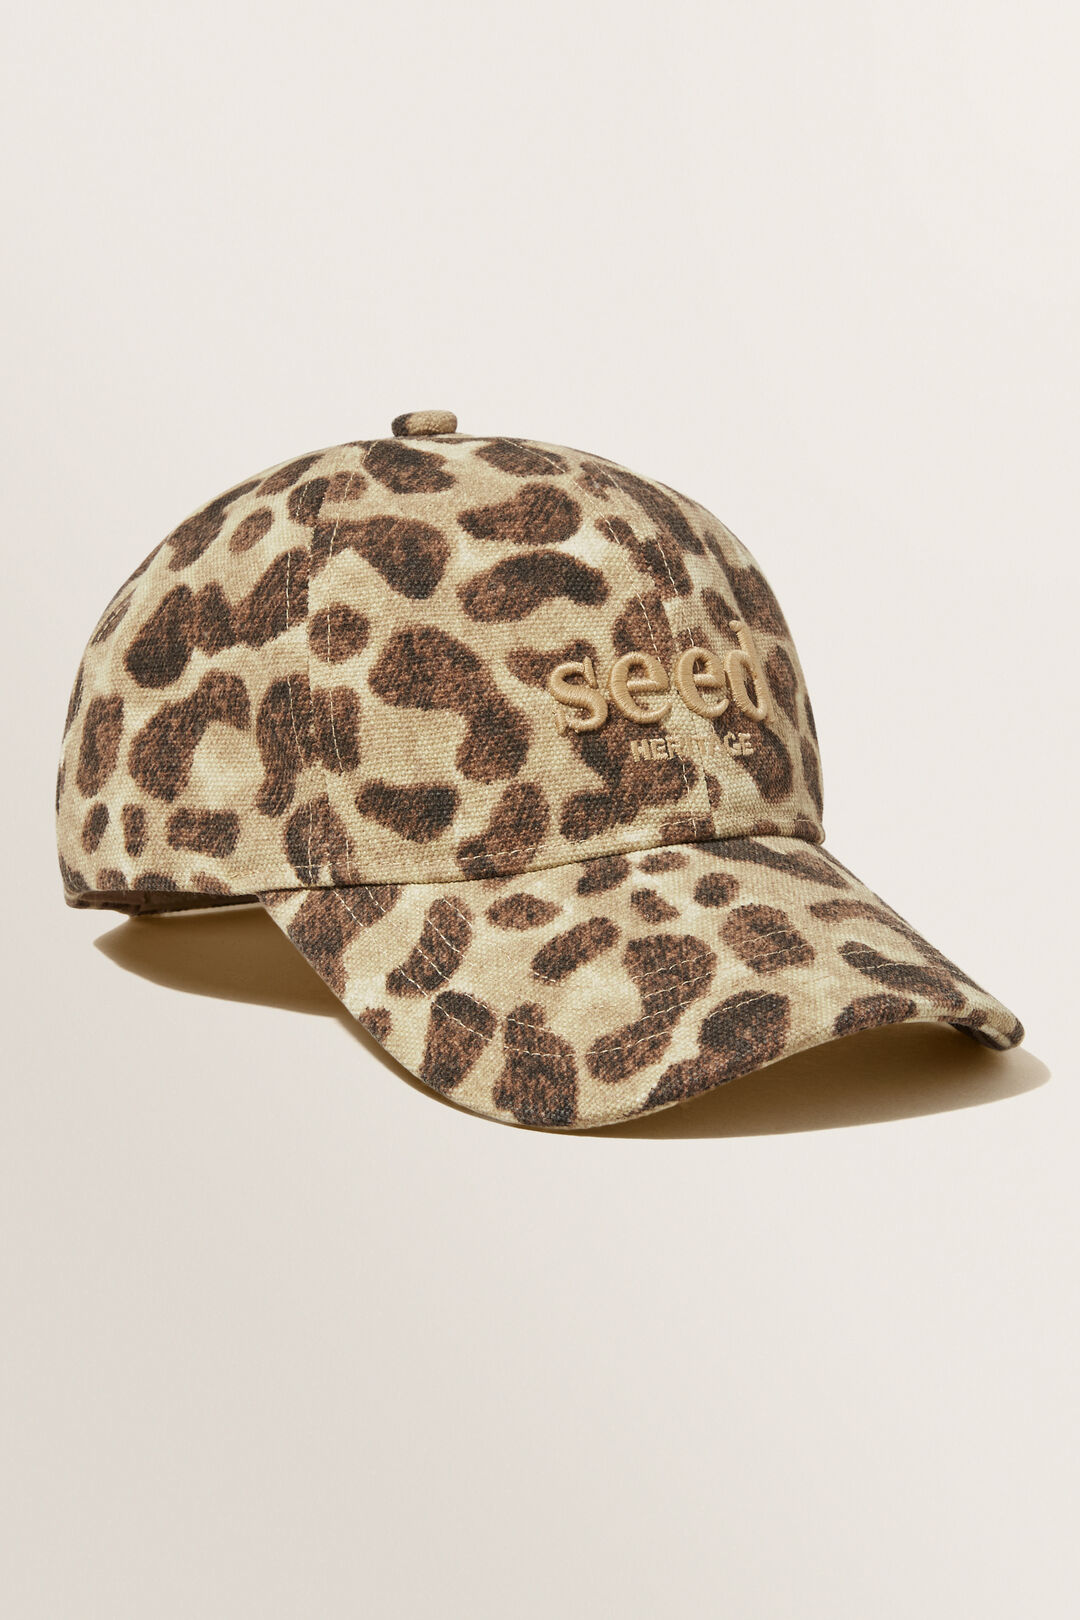 Seed Cap  Leopard  hi-res